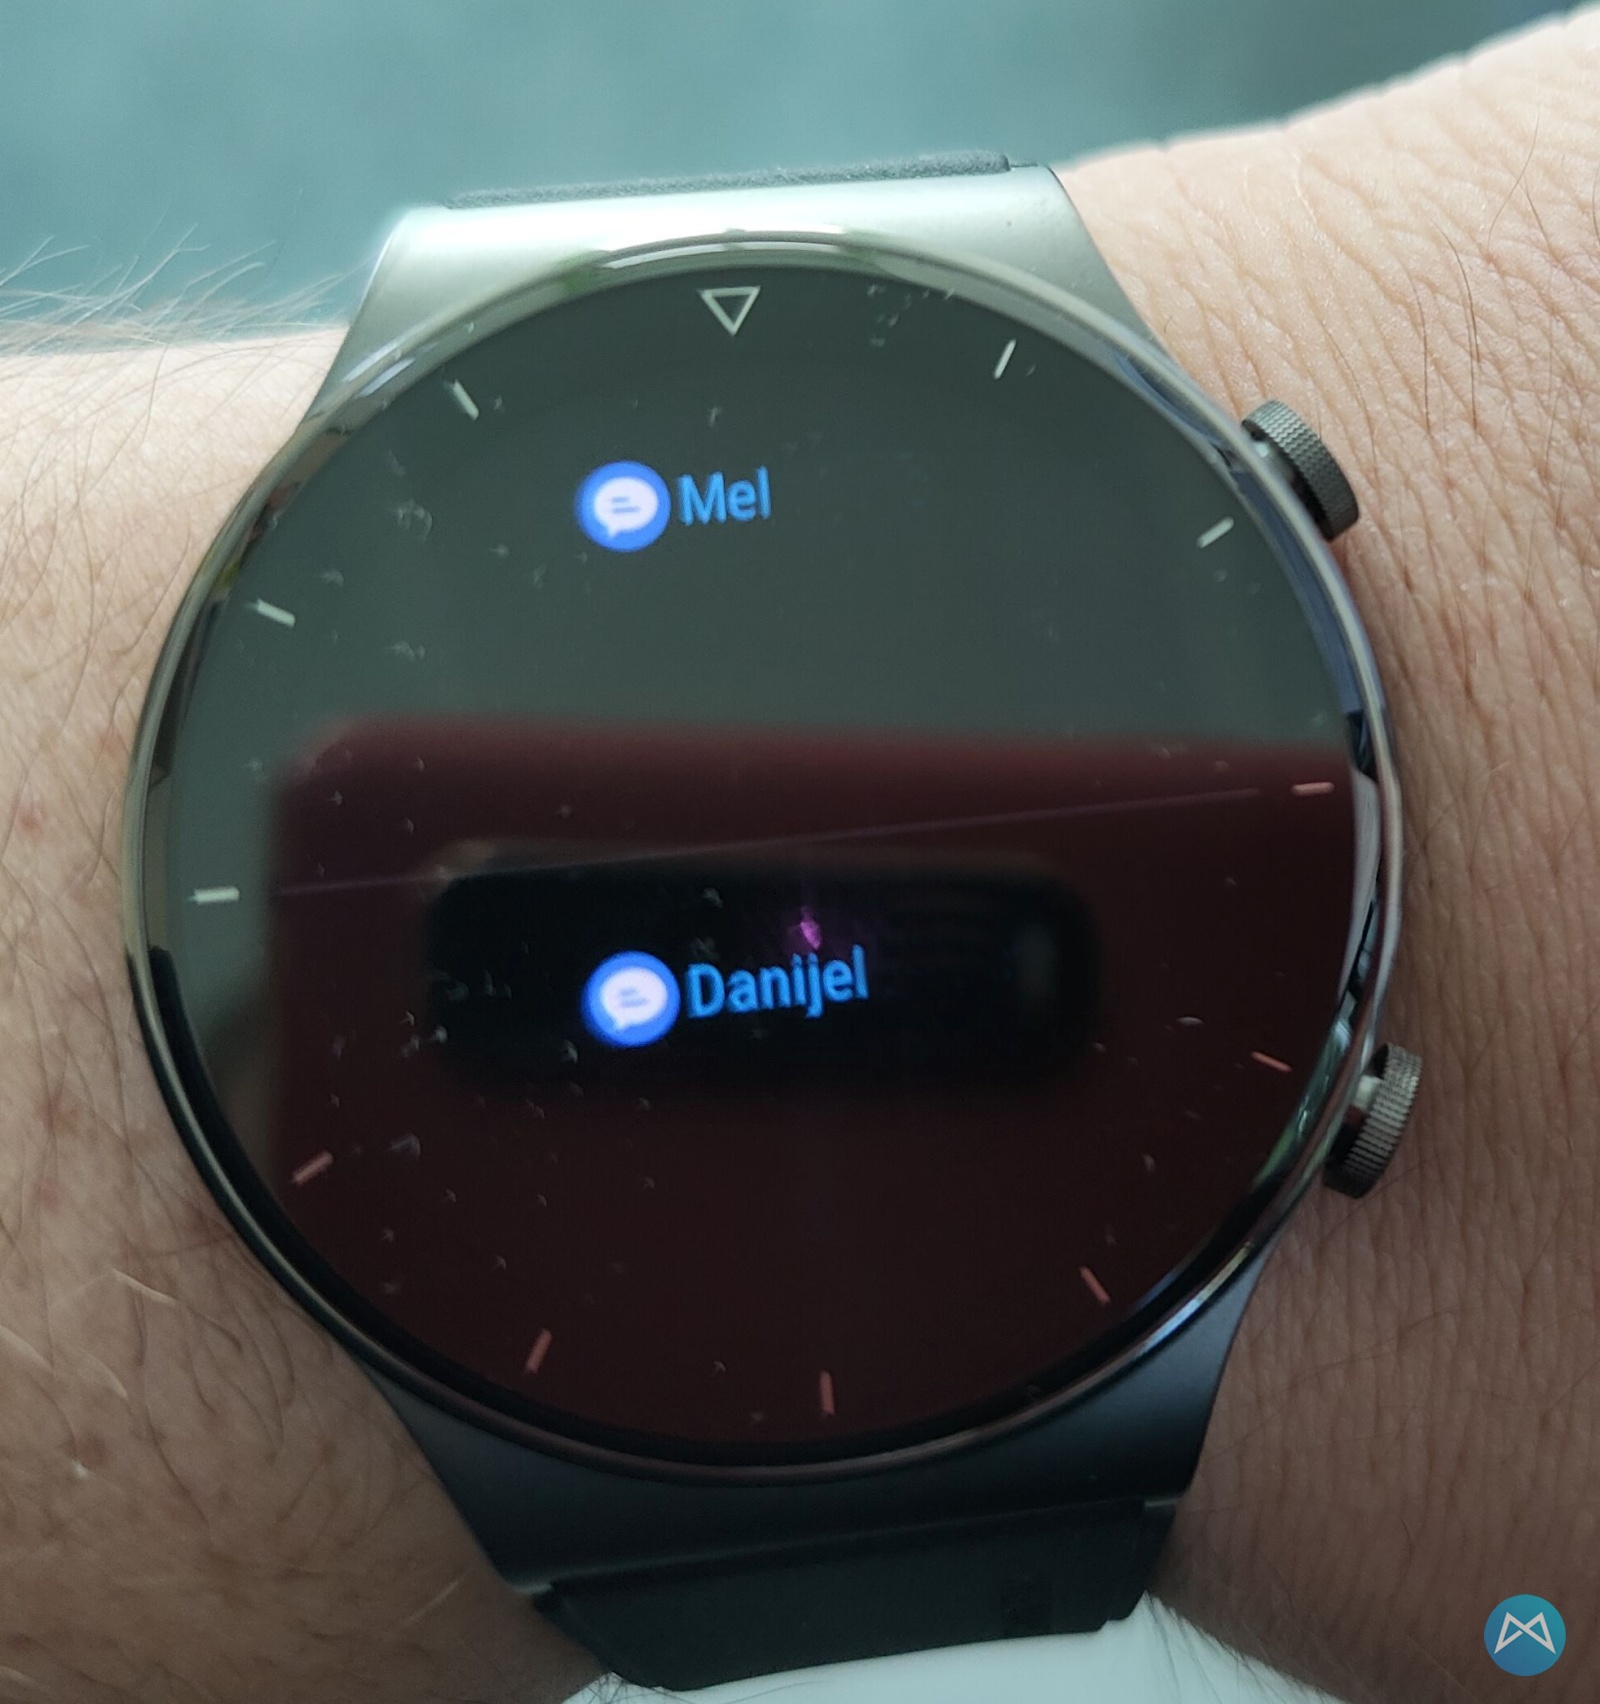 Huawei Watch Gt 2 Pro Notifications